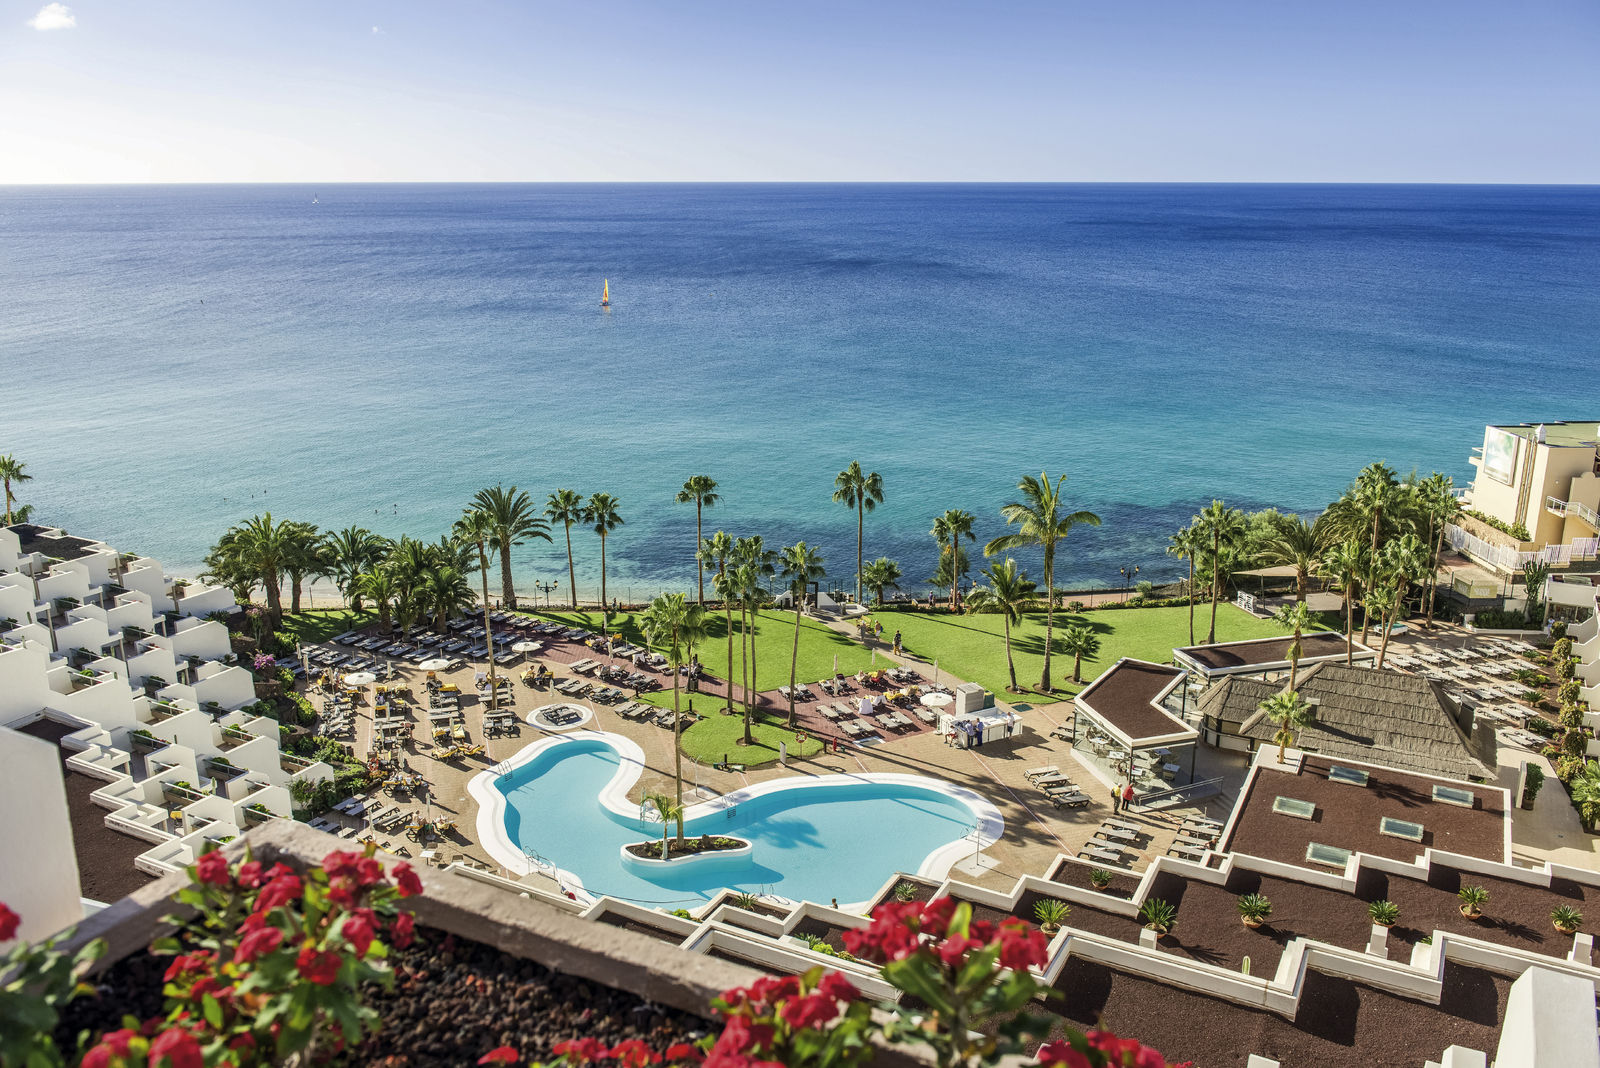 Kanaren_Fuerteventura_Sensimar Calypso Resort